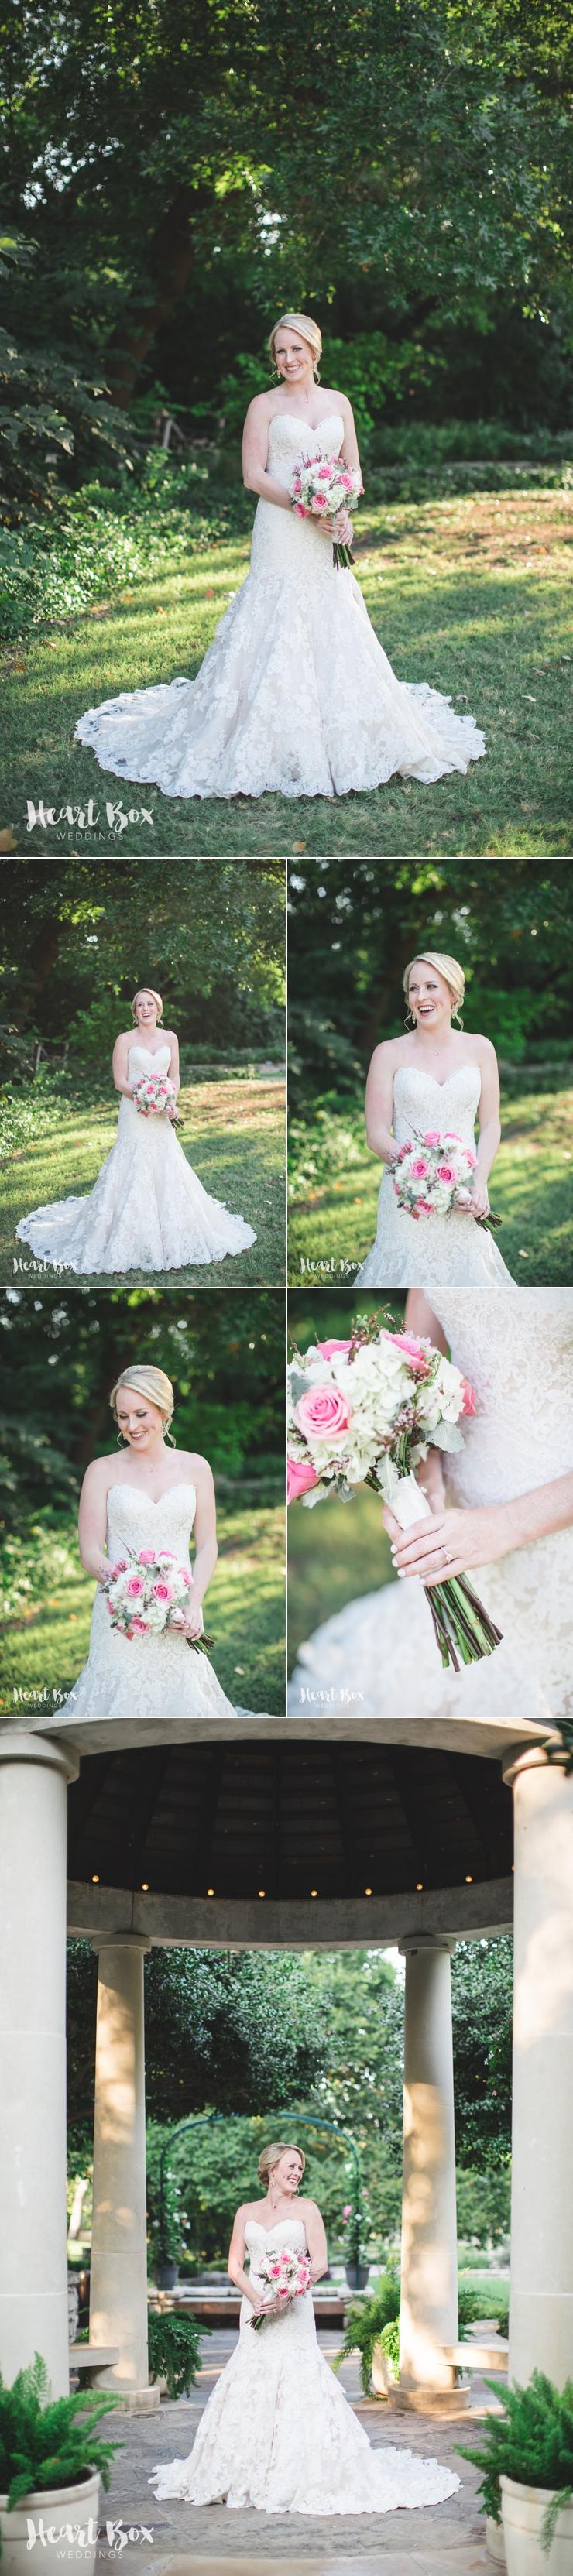 Skylar Bridal BC 1.jpg